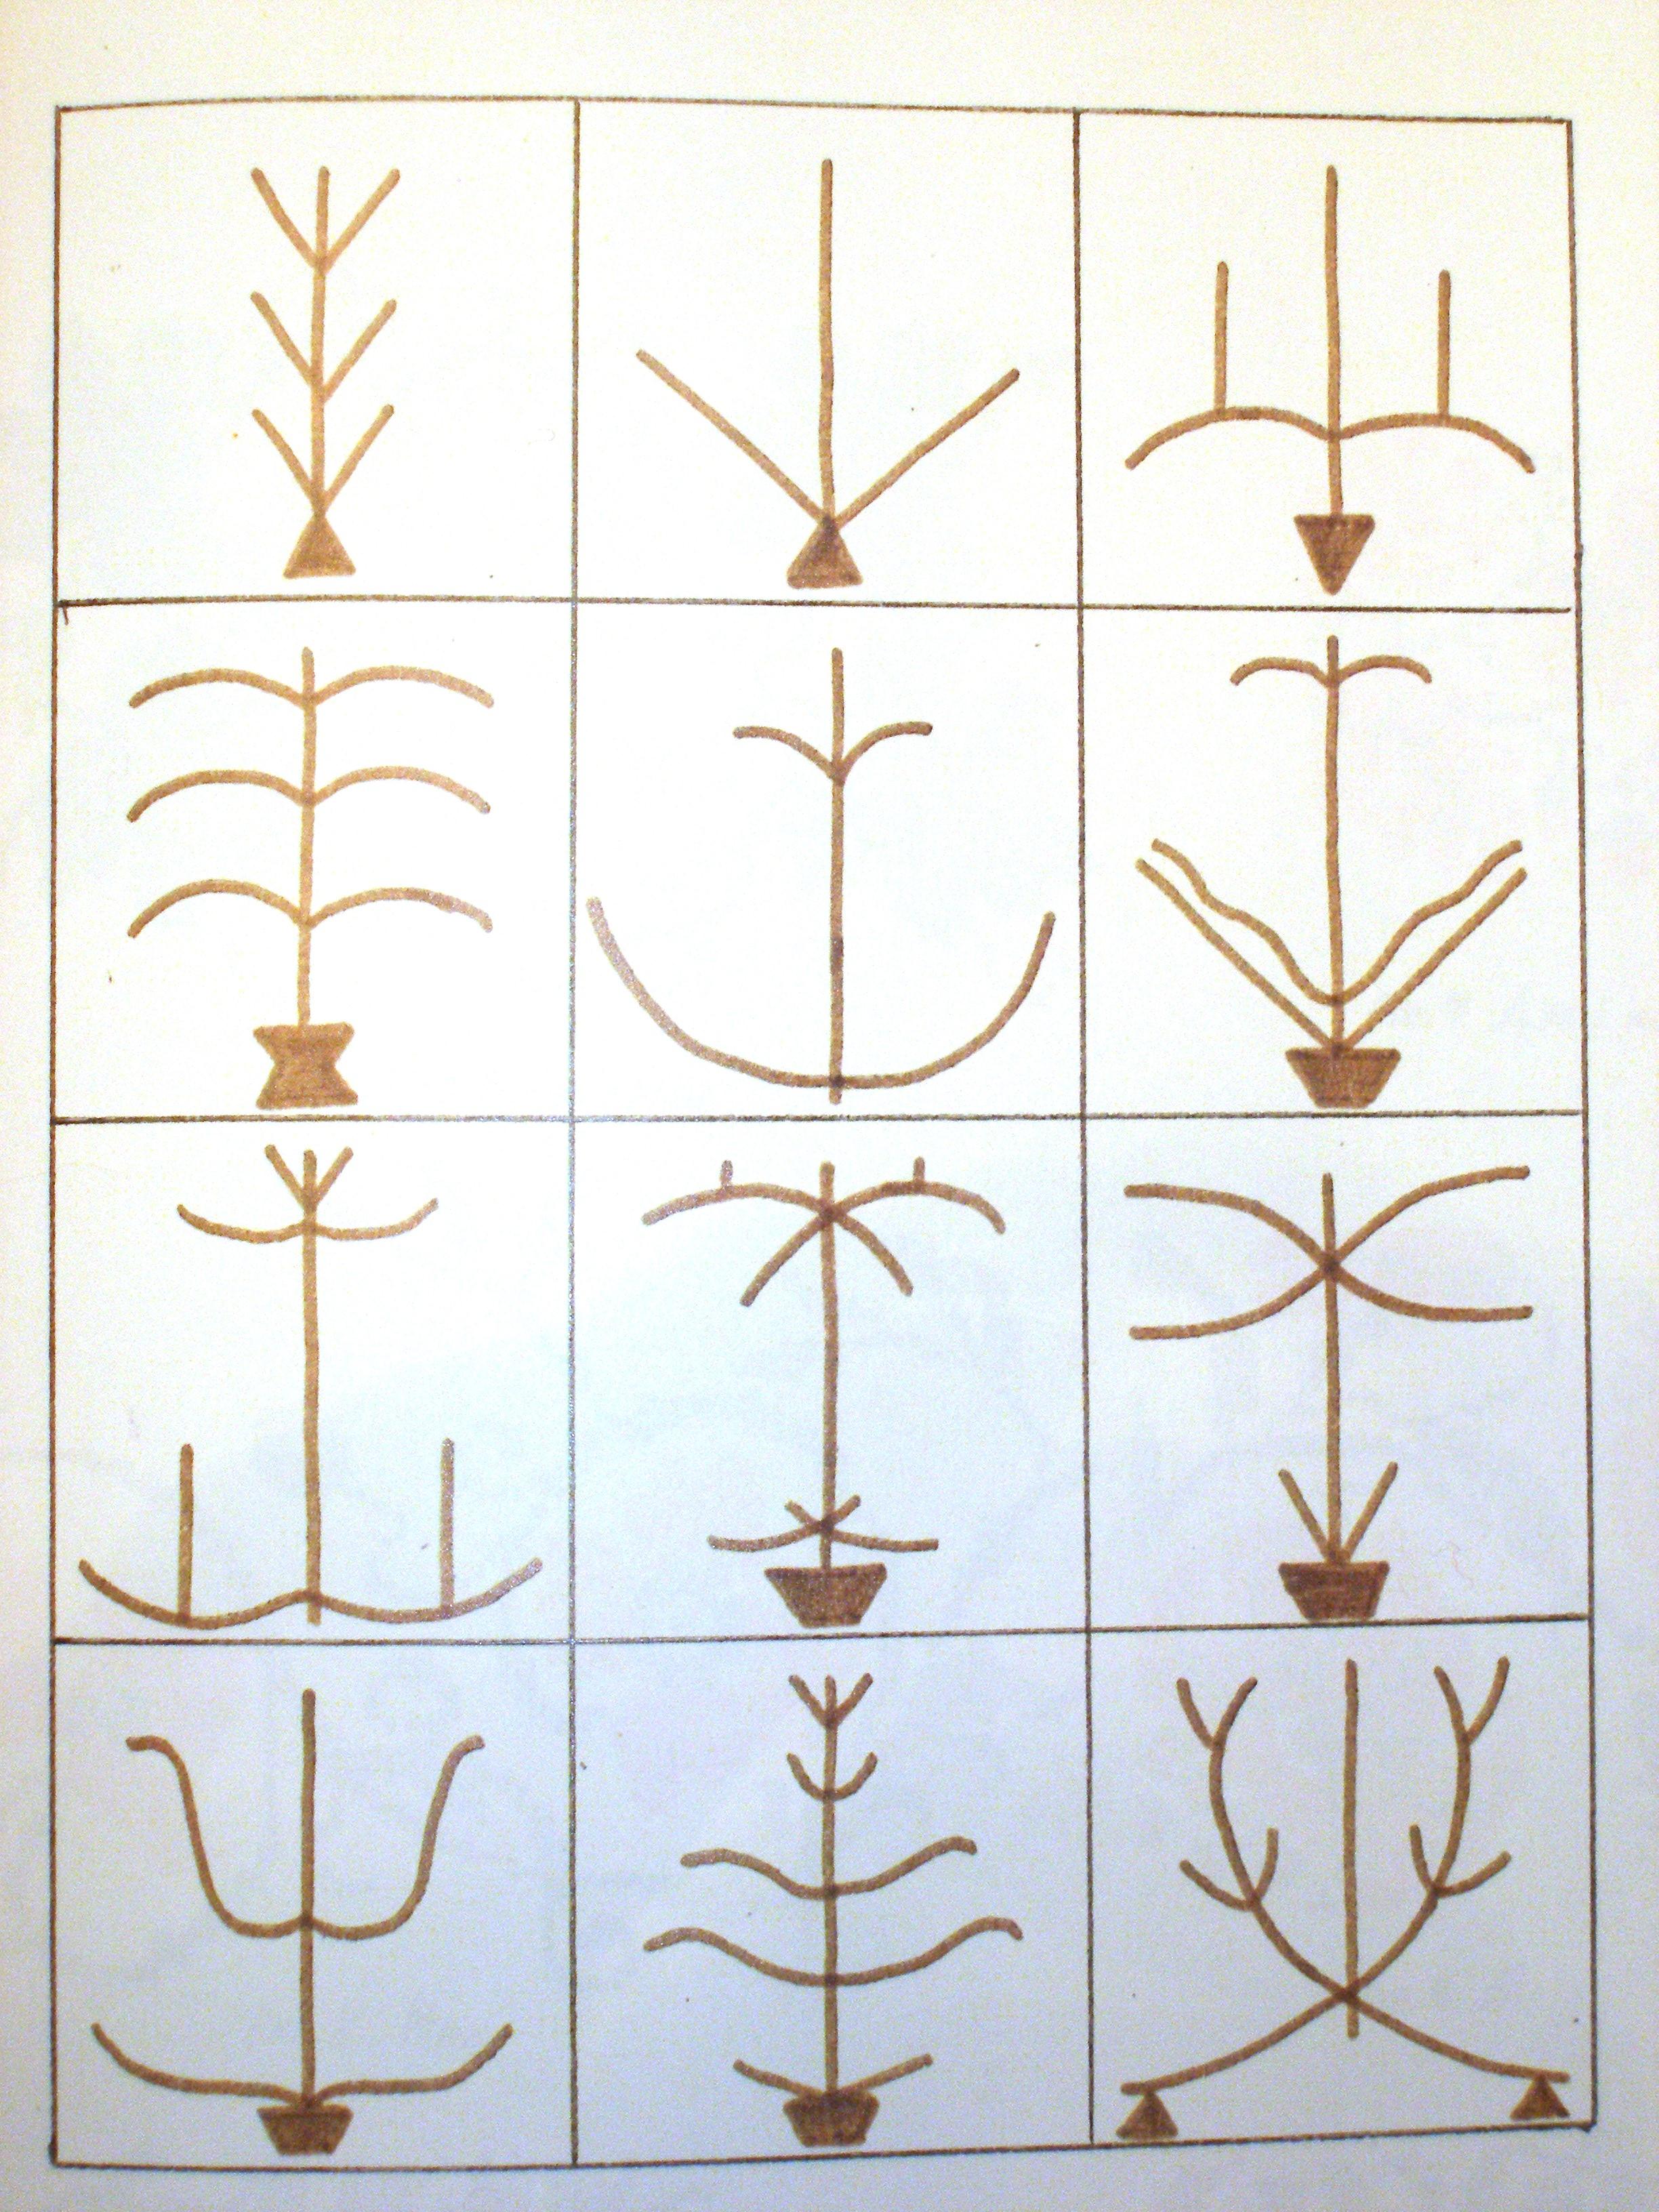 Схематическое изображение Древа Жизни на рушниках (варианты)